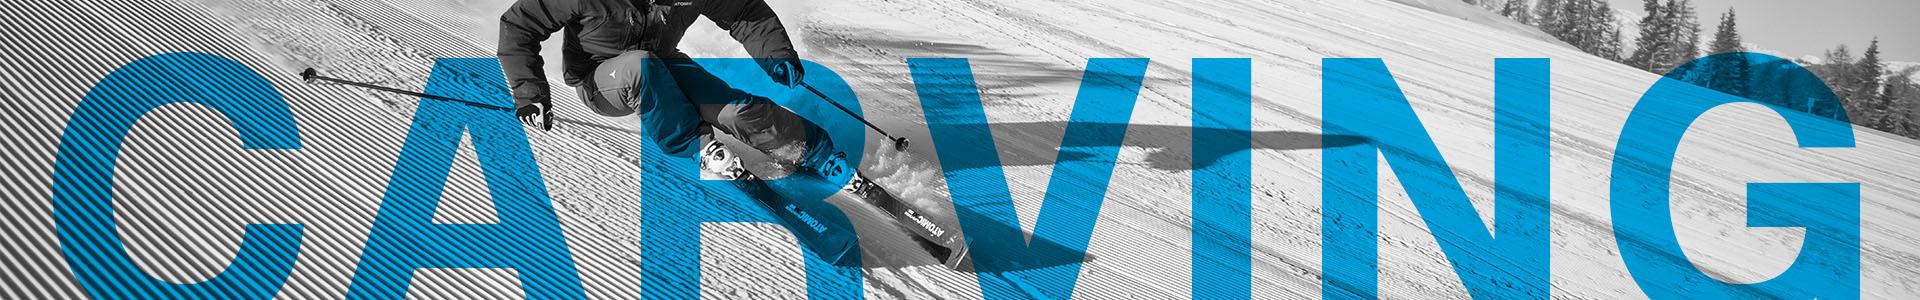 ski-skis-carving-1920x300.jpg